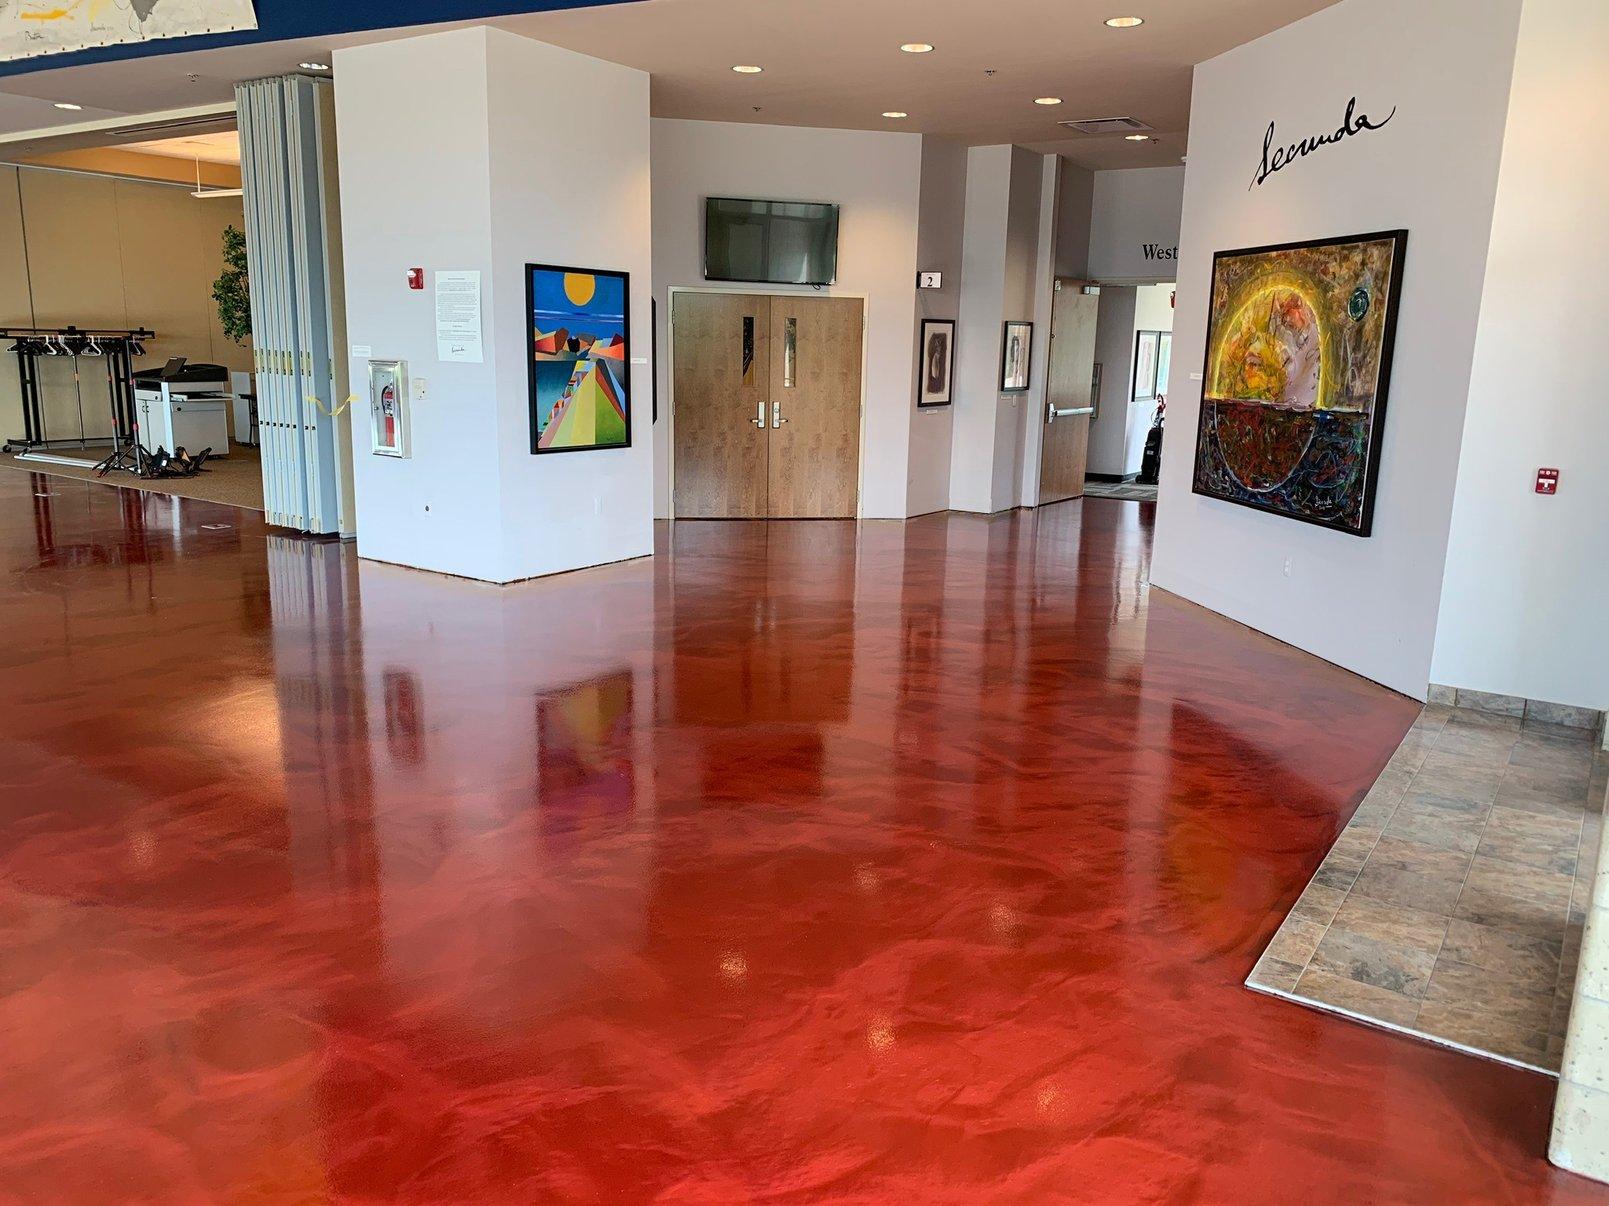 metallic-epoxy-floor-coating